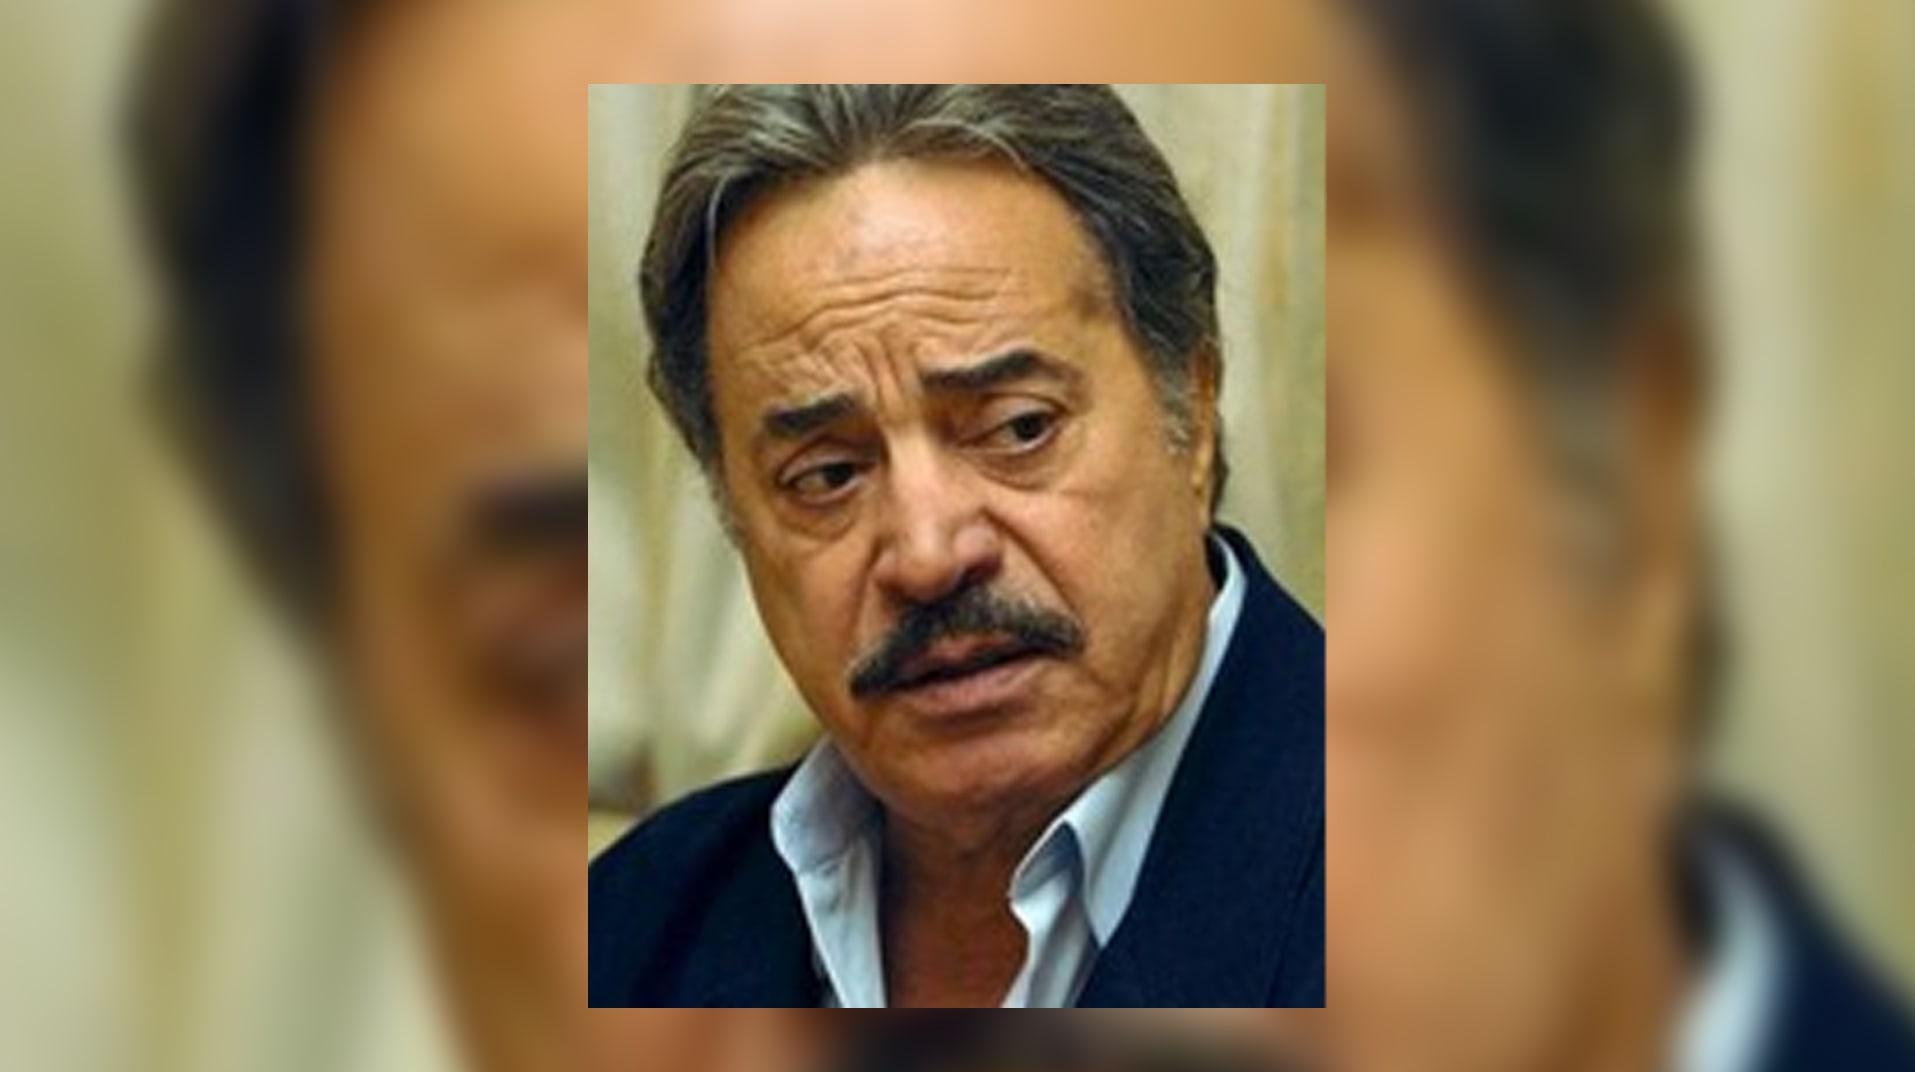 وفاة الفنان المصري يوسف شعبان عن عمر يناهز 89 عامًا بعد إصابته بفيروس كورونا